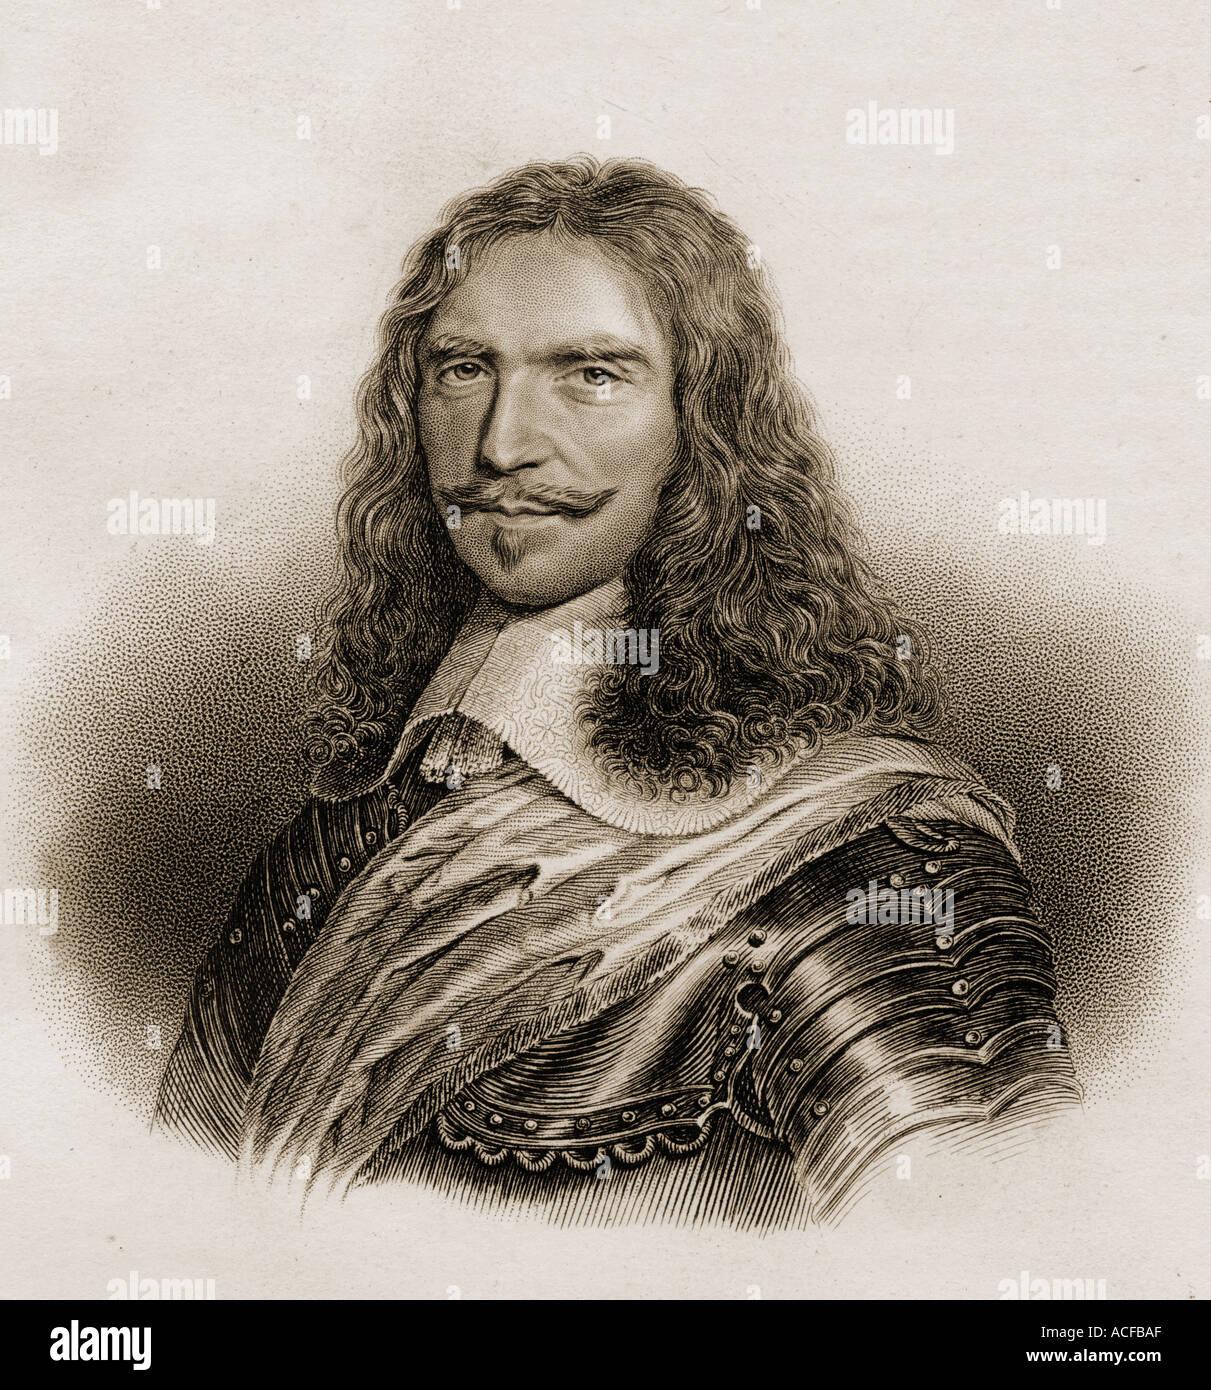 Henri de La Tour d'Auvergne, vicomte de Turenne, 1611 - 1675.French Marshal General and military leader. - Stock Image